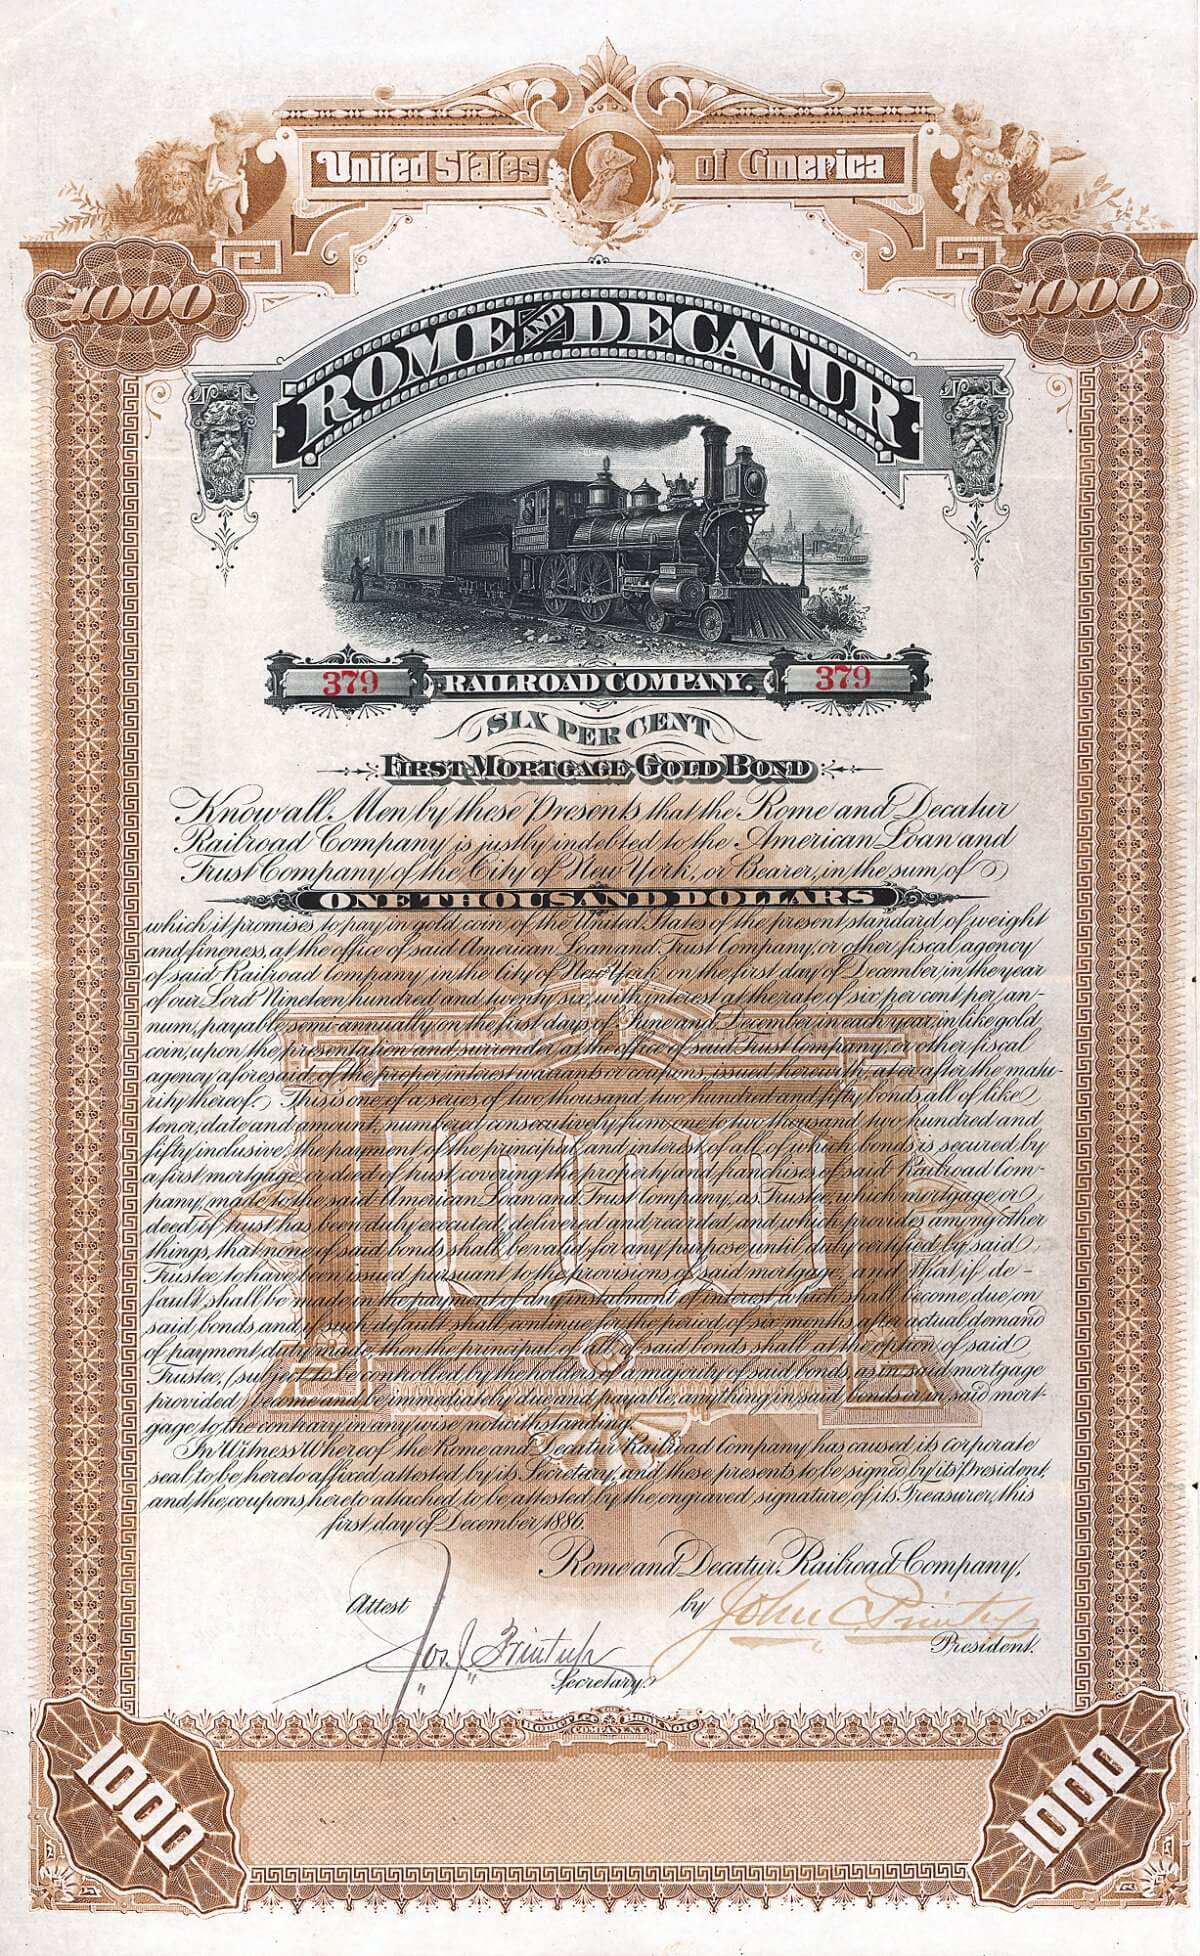 Rome & Decatur Railroad Company, Gold Bond über 1000 US-$ von 1886. Projektiert war die Strecke Rome, Ga. nach Decatur, Ala. (135 Meilen). Knapp die Hälfte (bis Attalla, Ala.) war vollendet, als die Bahn 1887 Konkurs ging.